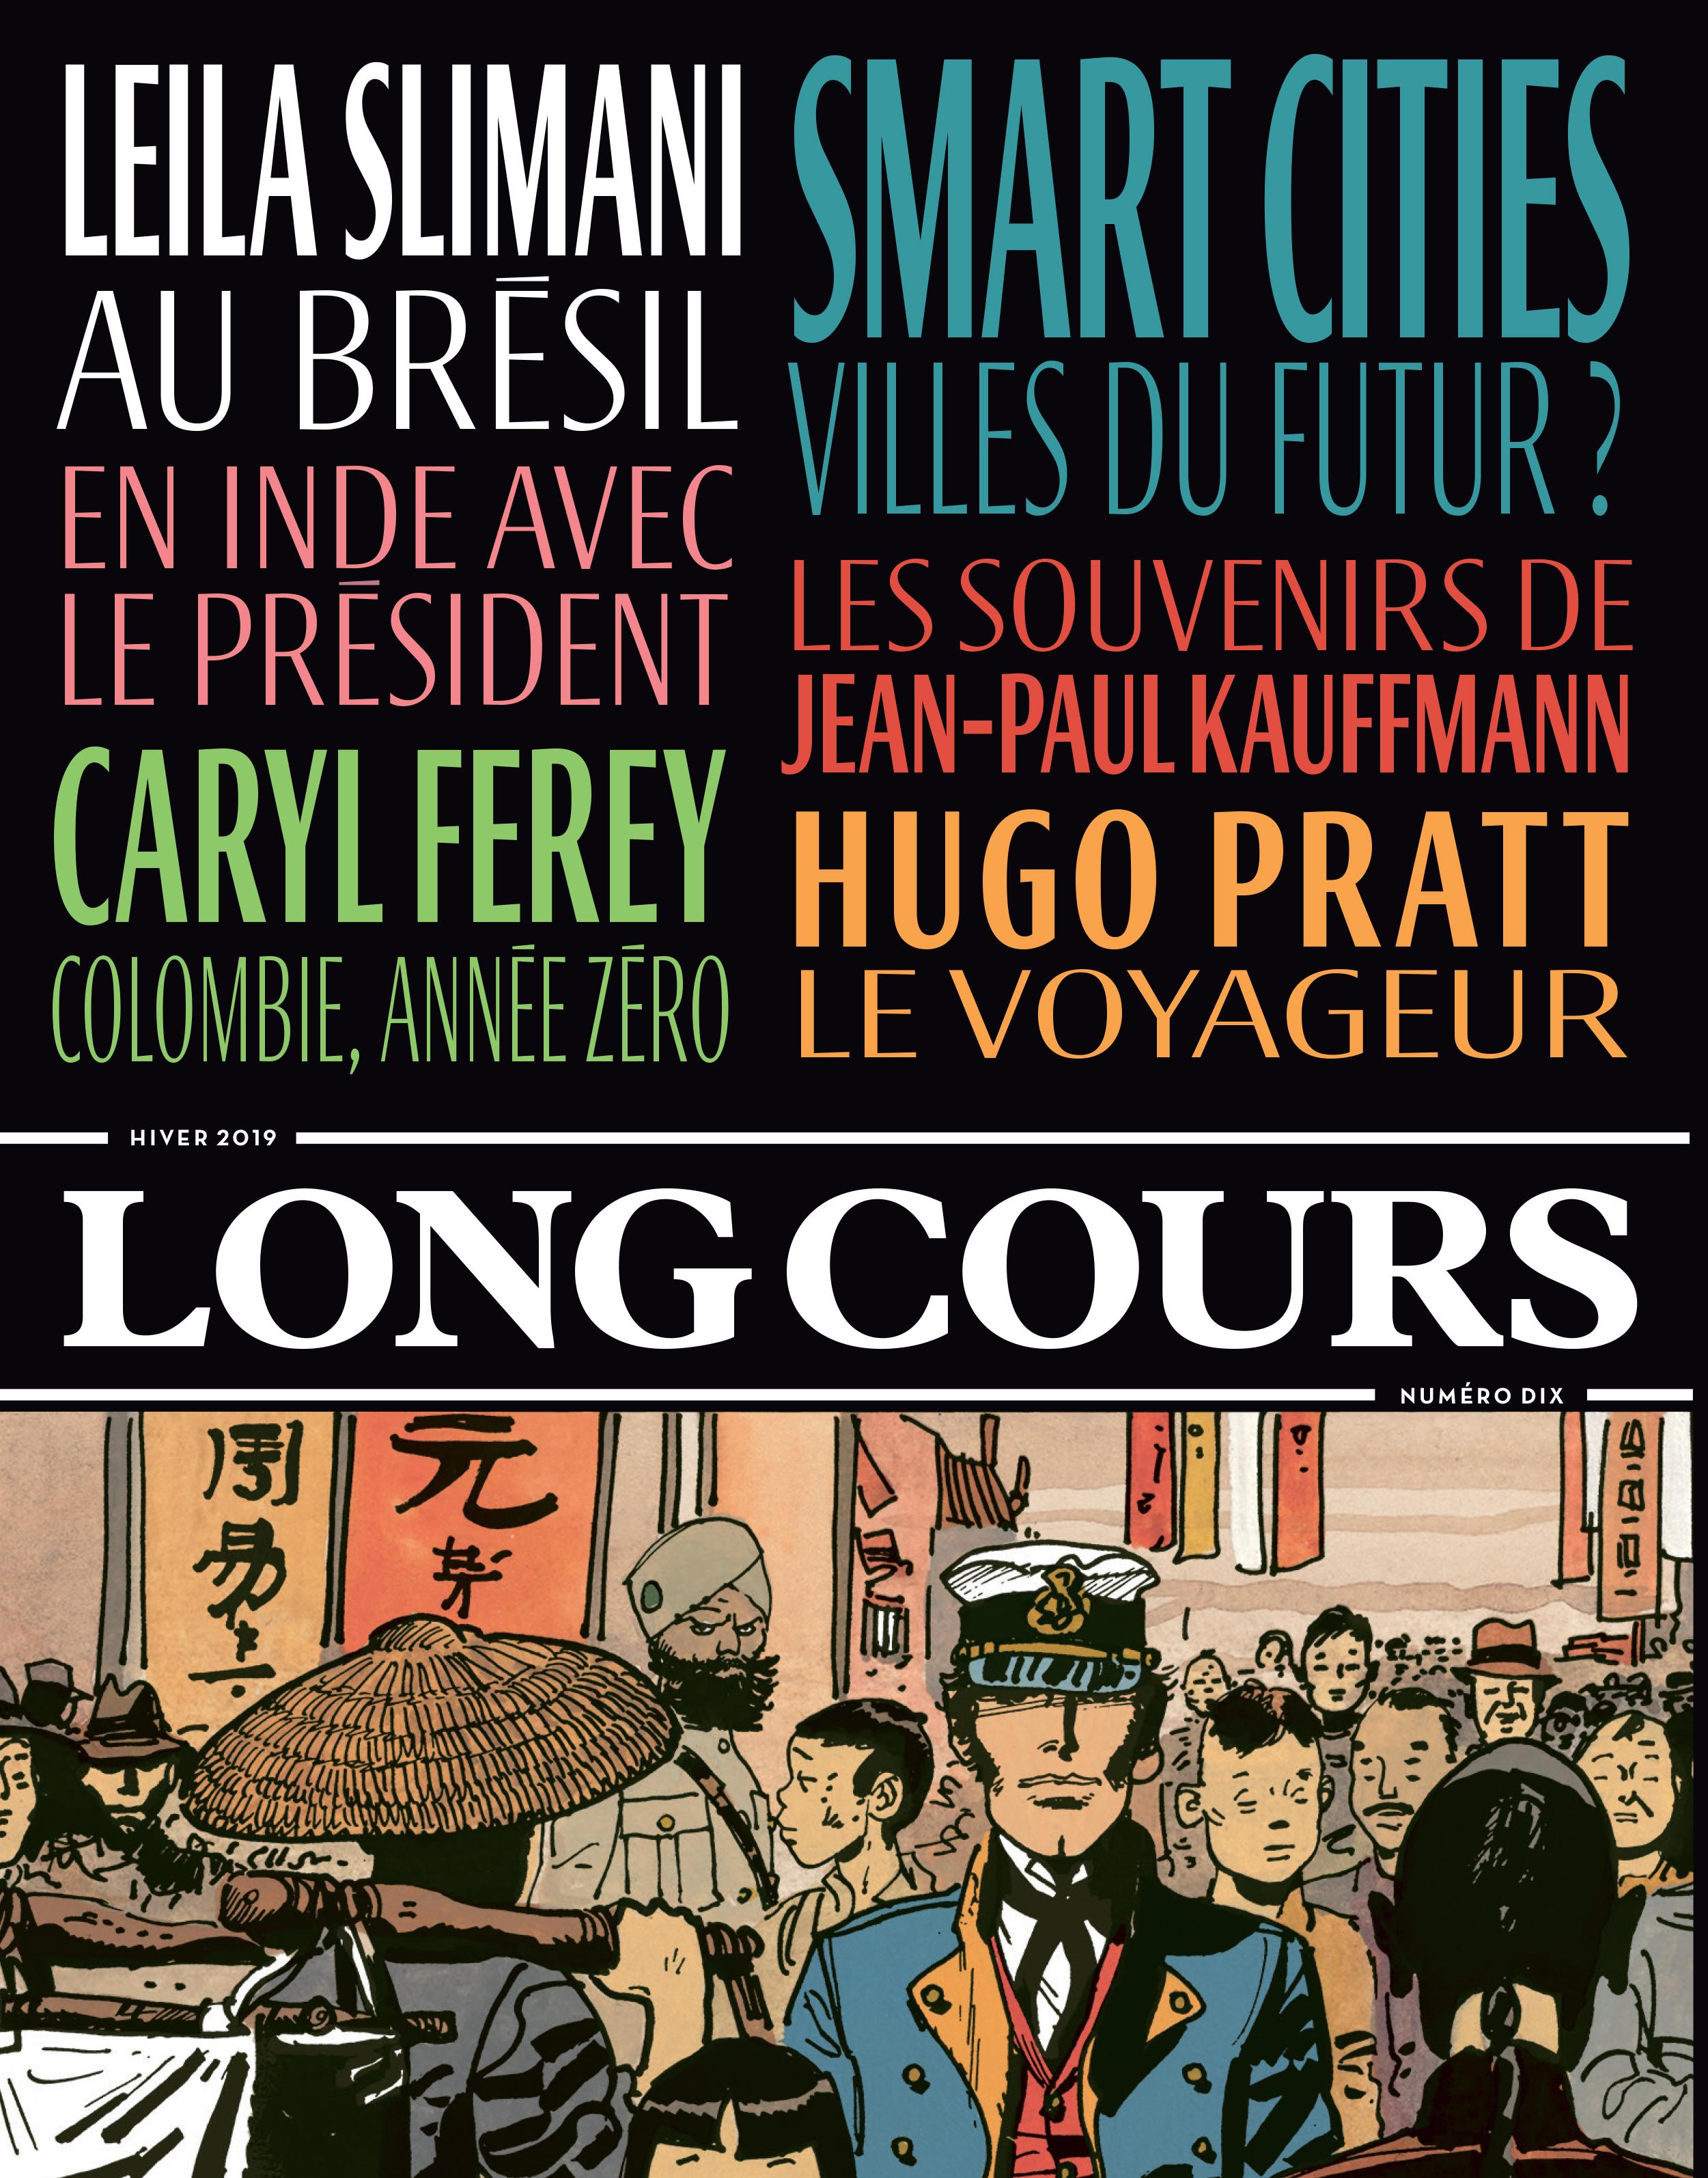 Couverture de la revue n°10 de Long Cours.